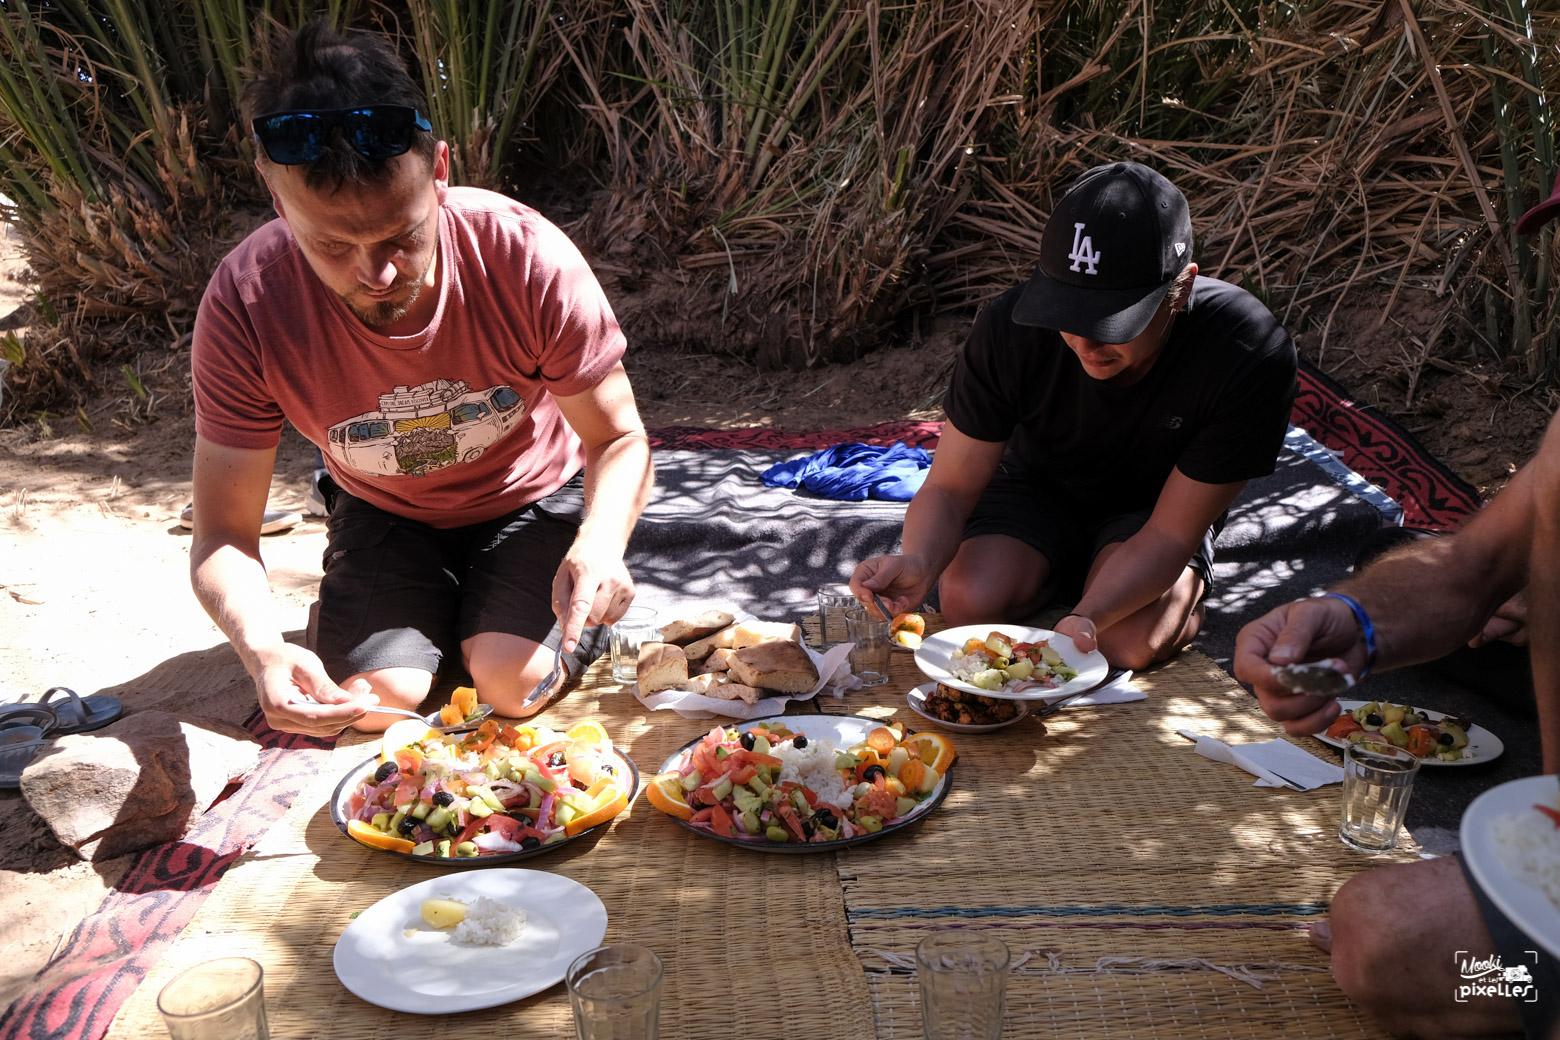 Repas au milieu d'une oasis dans le désert